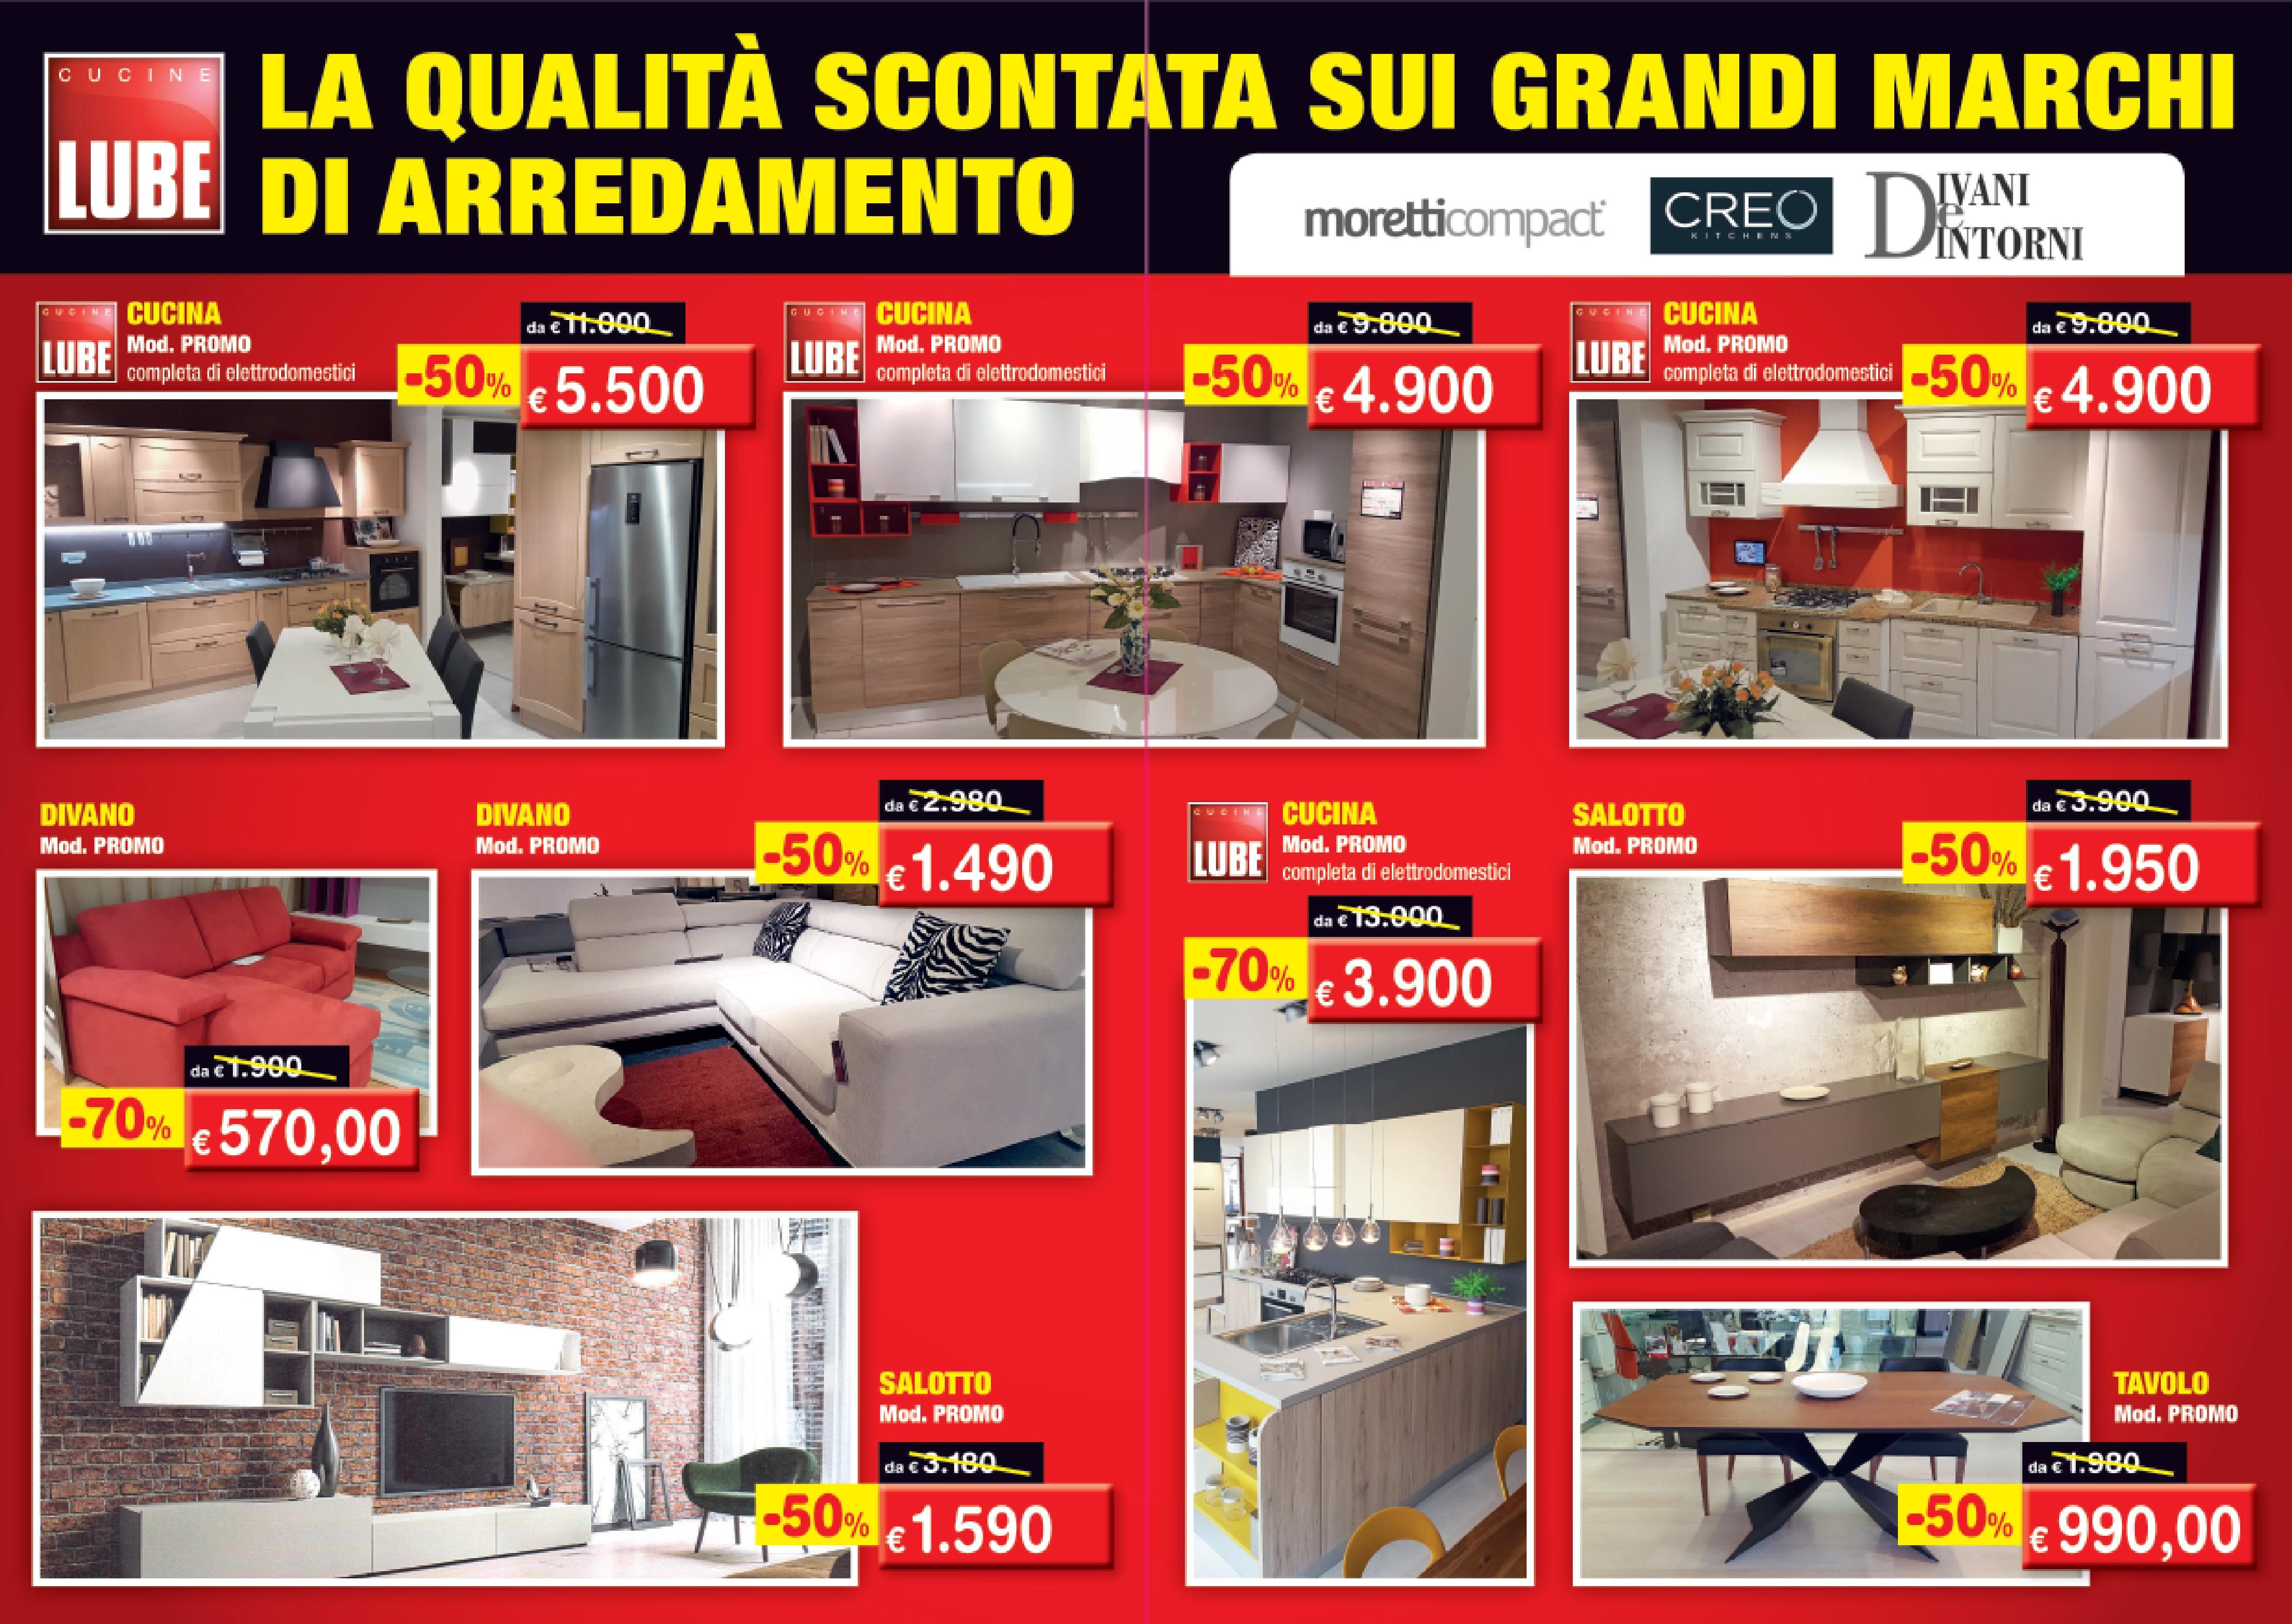 Pag 3 4 svendita mobilia group divani cucine e for Mobilia trieste